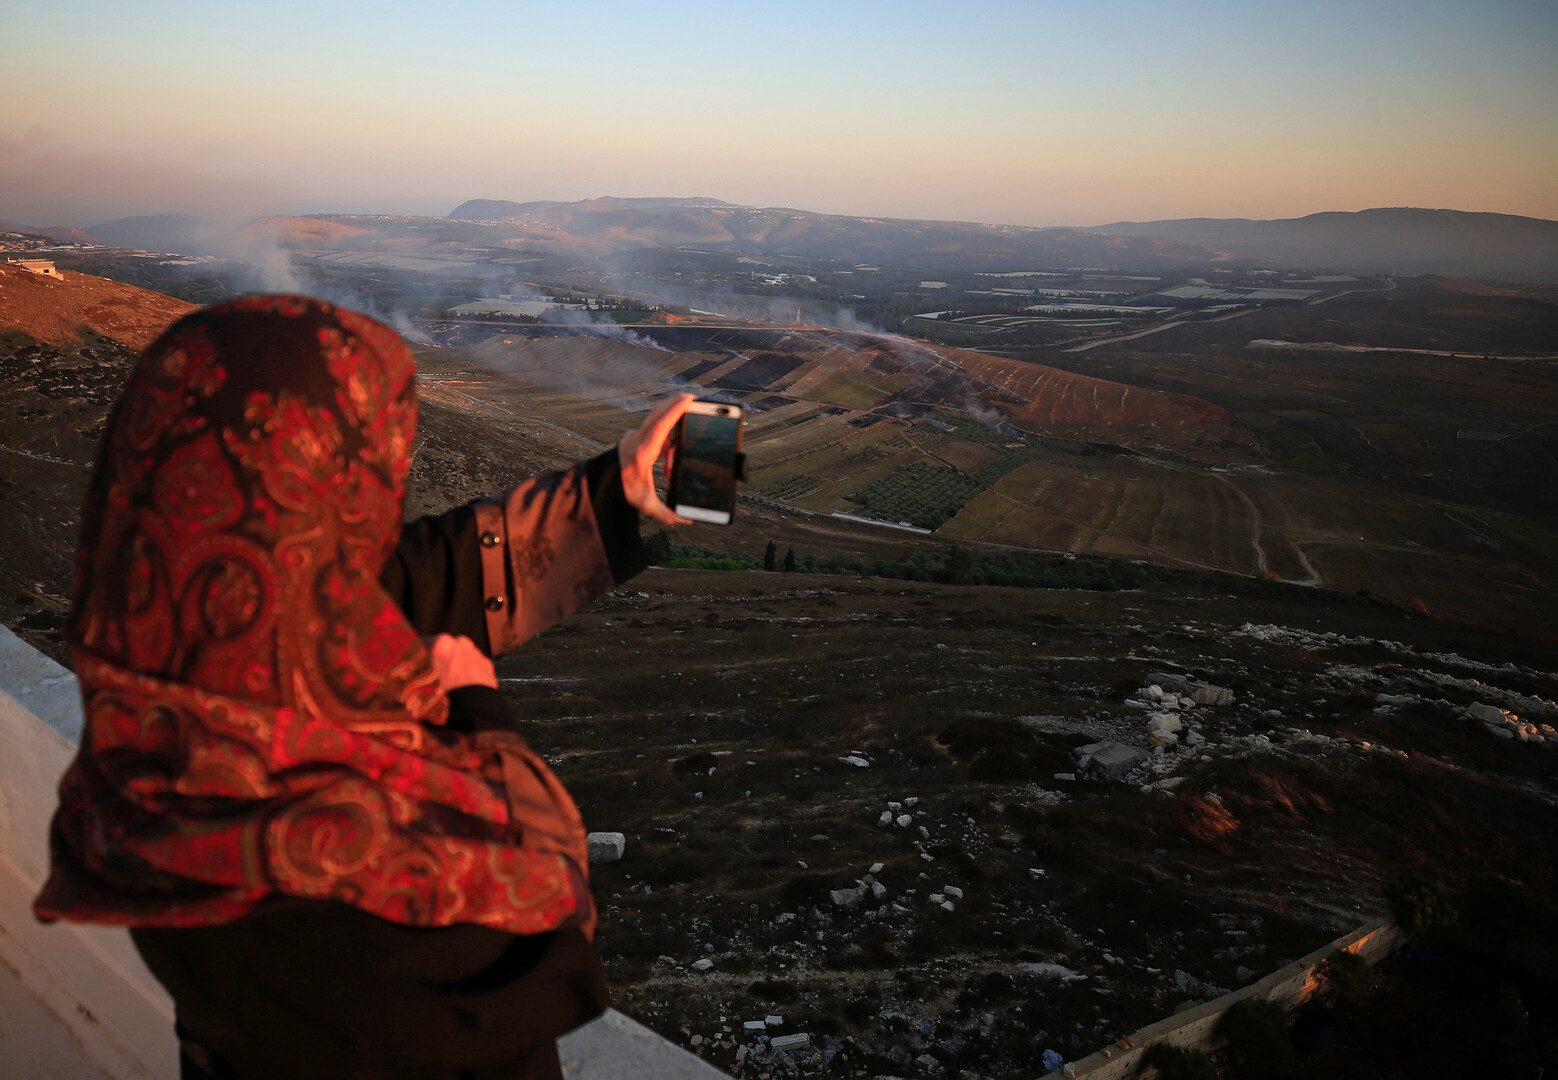 يديعوت أحرونوت: لبنان هو العدو الحقيقي لإسرائيل وليس